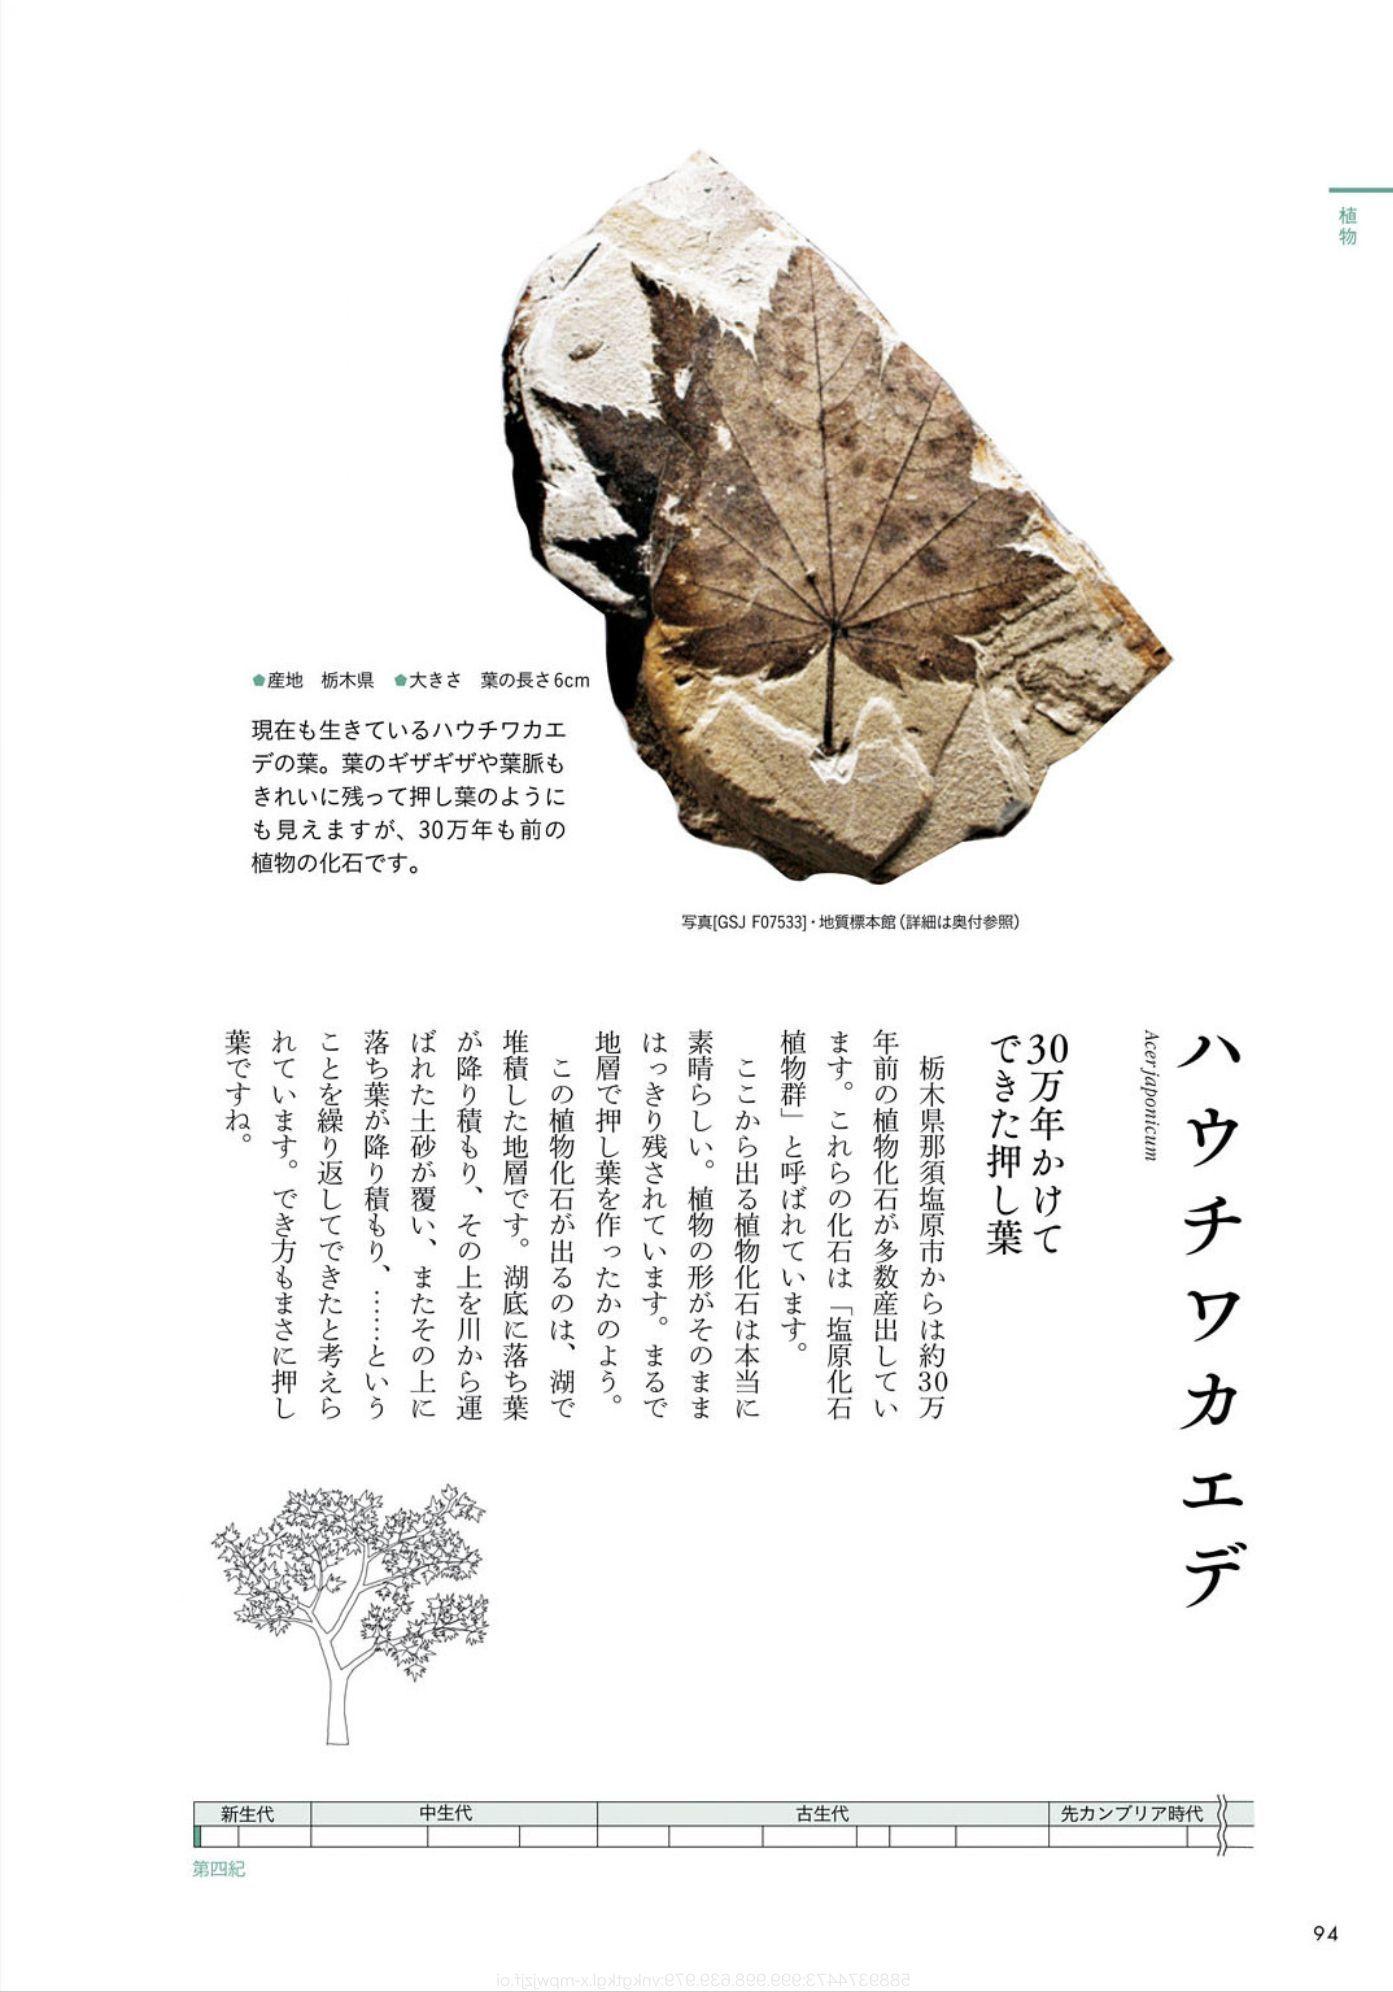 クワズイモとクマネズミと「ときめく化石図鑑」_c0025115_21581262.jpg